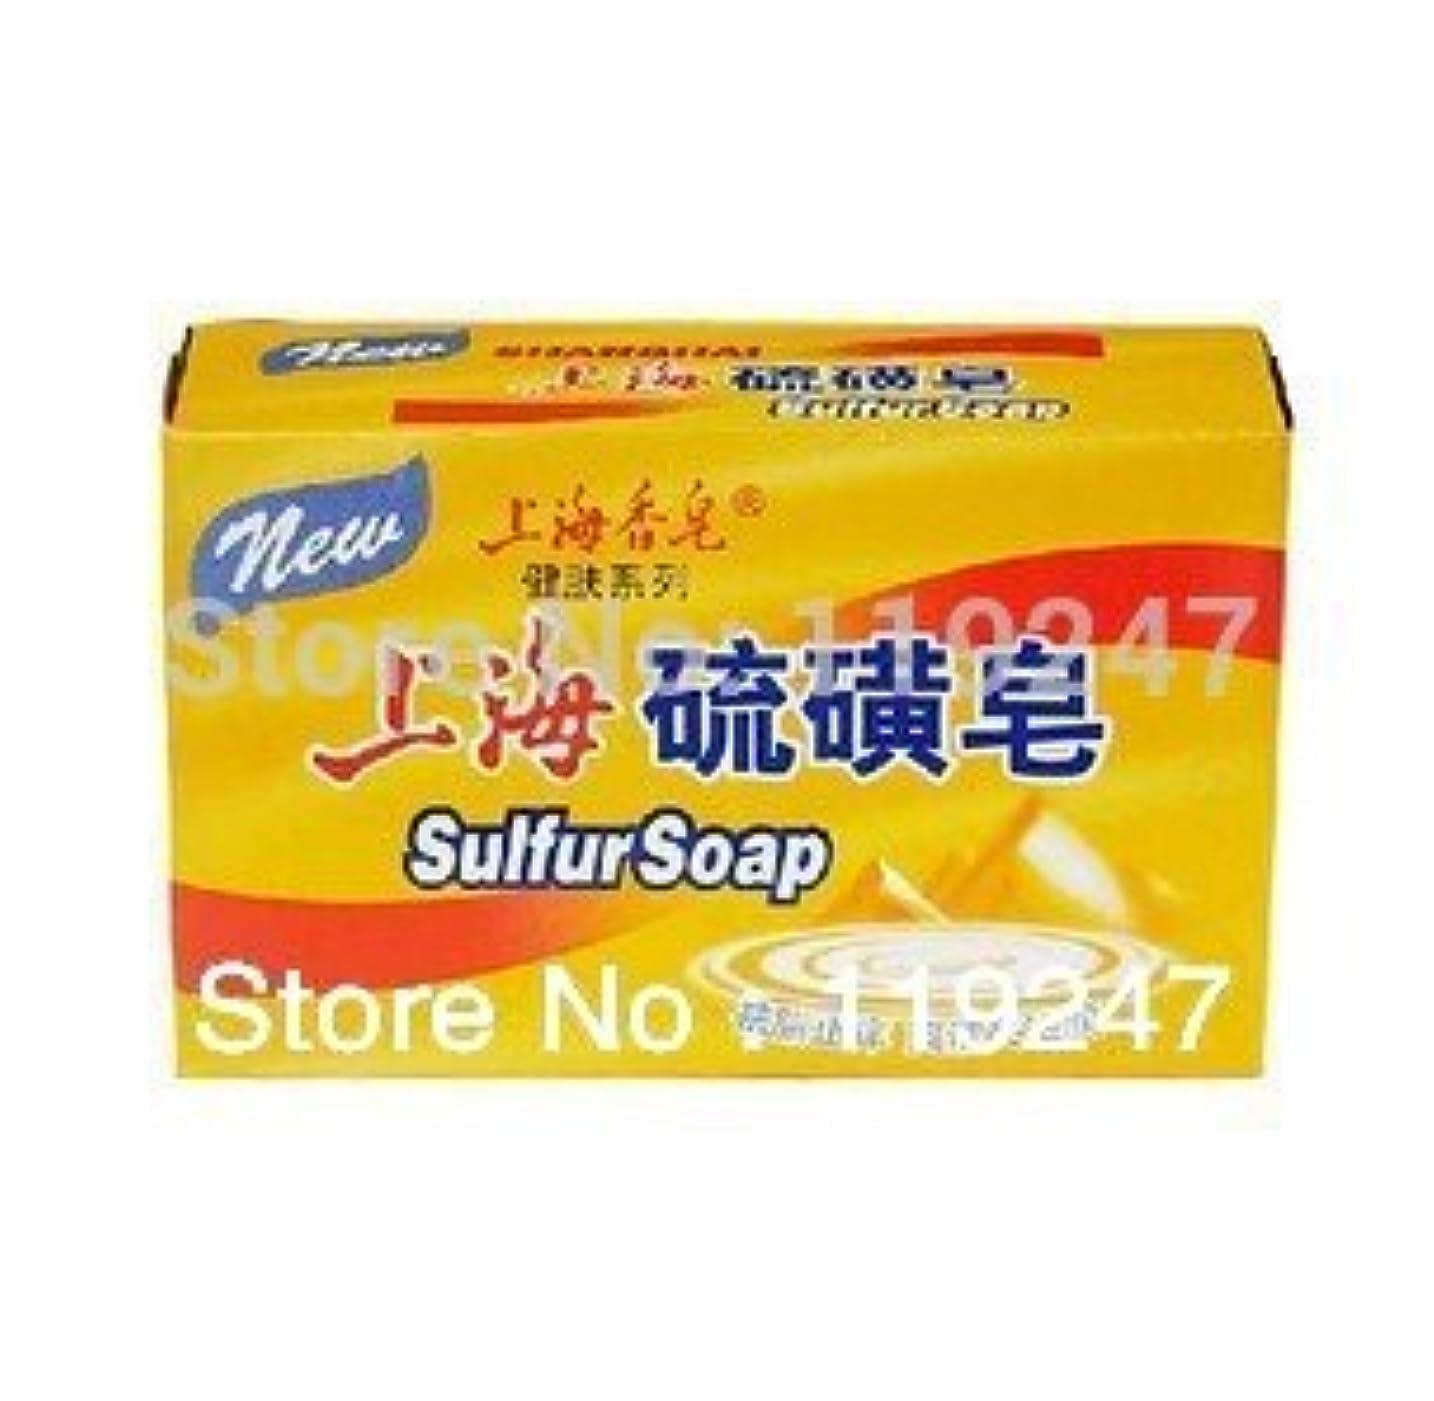 軽減シーサイド投げるLorny (TM) 上海硫黄石鹸アンチ菌ダニ、ストップかゆみ125グラム格安 [並行輸入品]